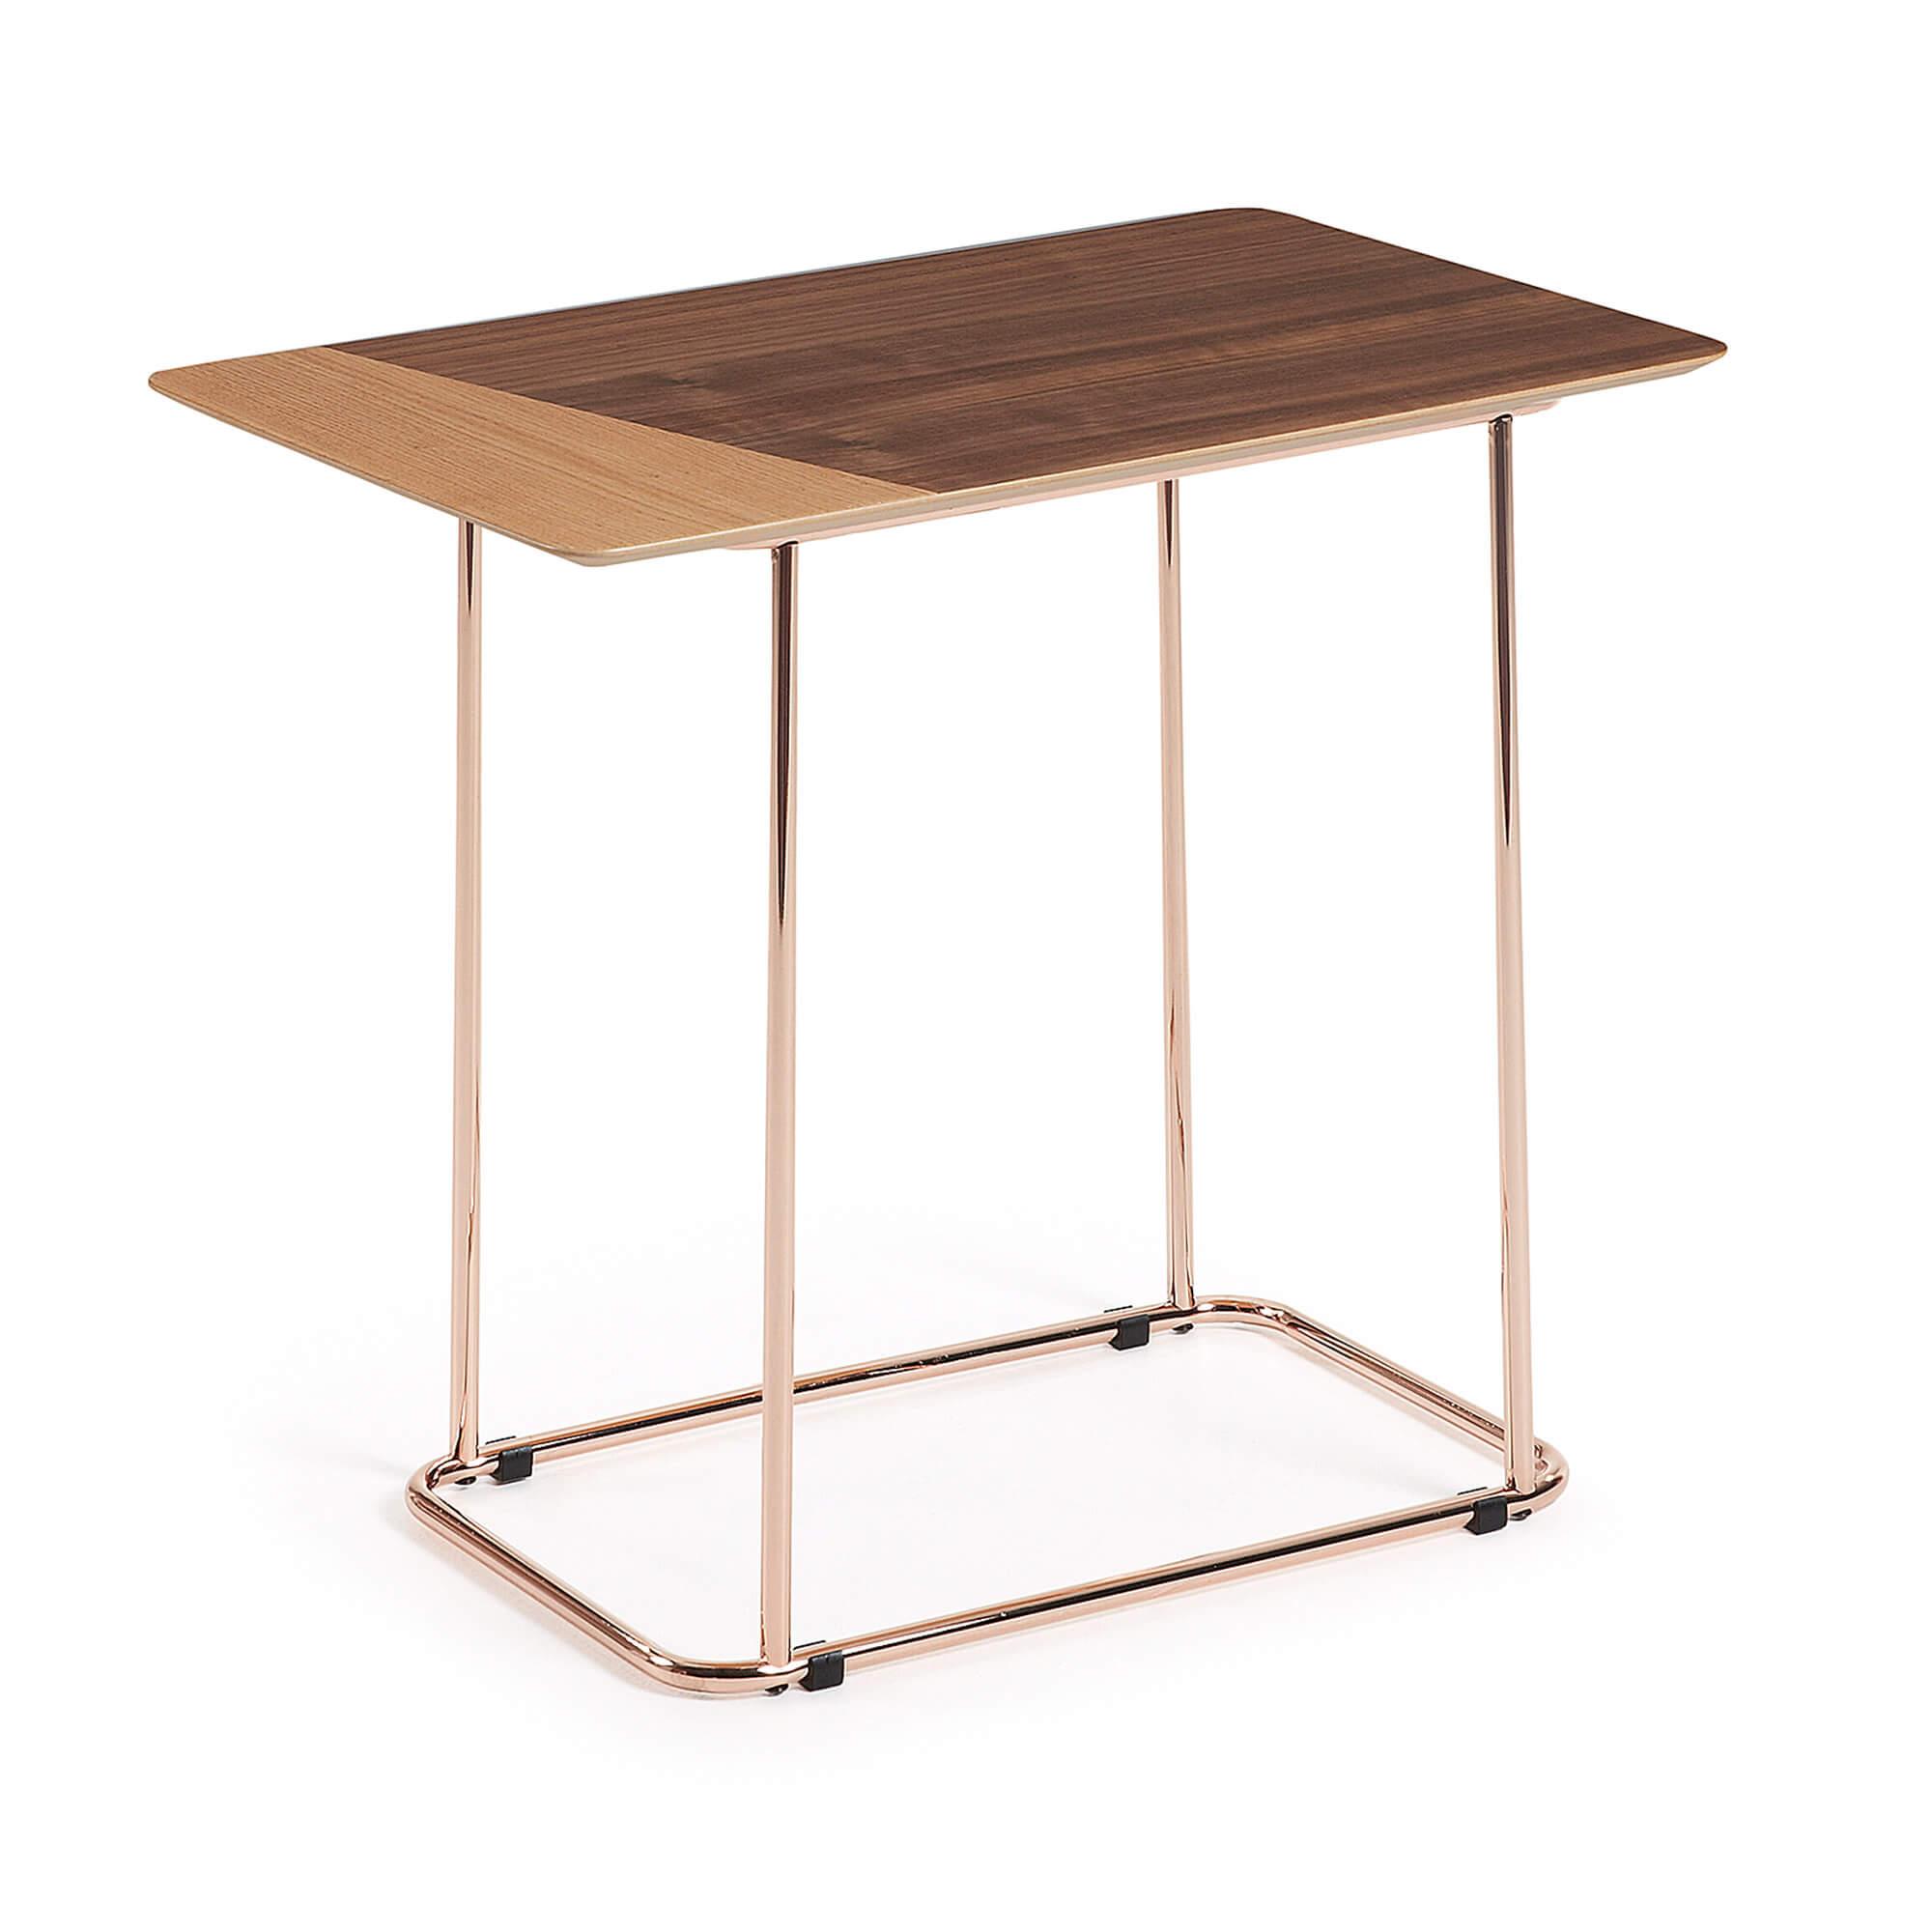 R DE ROOM. Mesa auxiliar. Mesa de centro. Mesa con patas de cobre y sobre de DM chapado de madera bicolor (roble y nogal). Estilo retro. Años setenta.